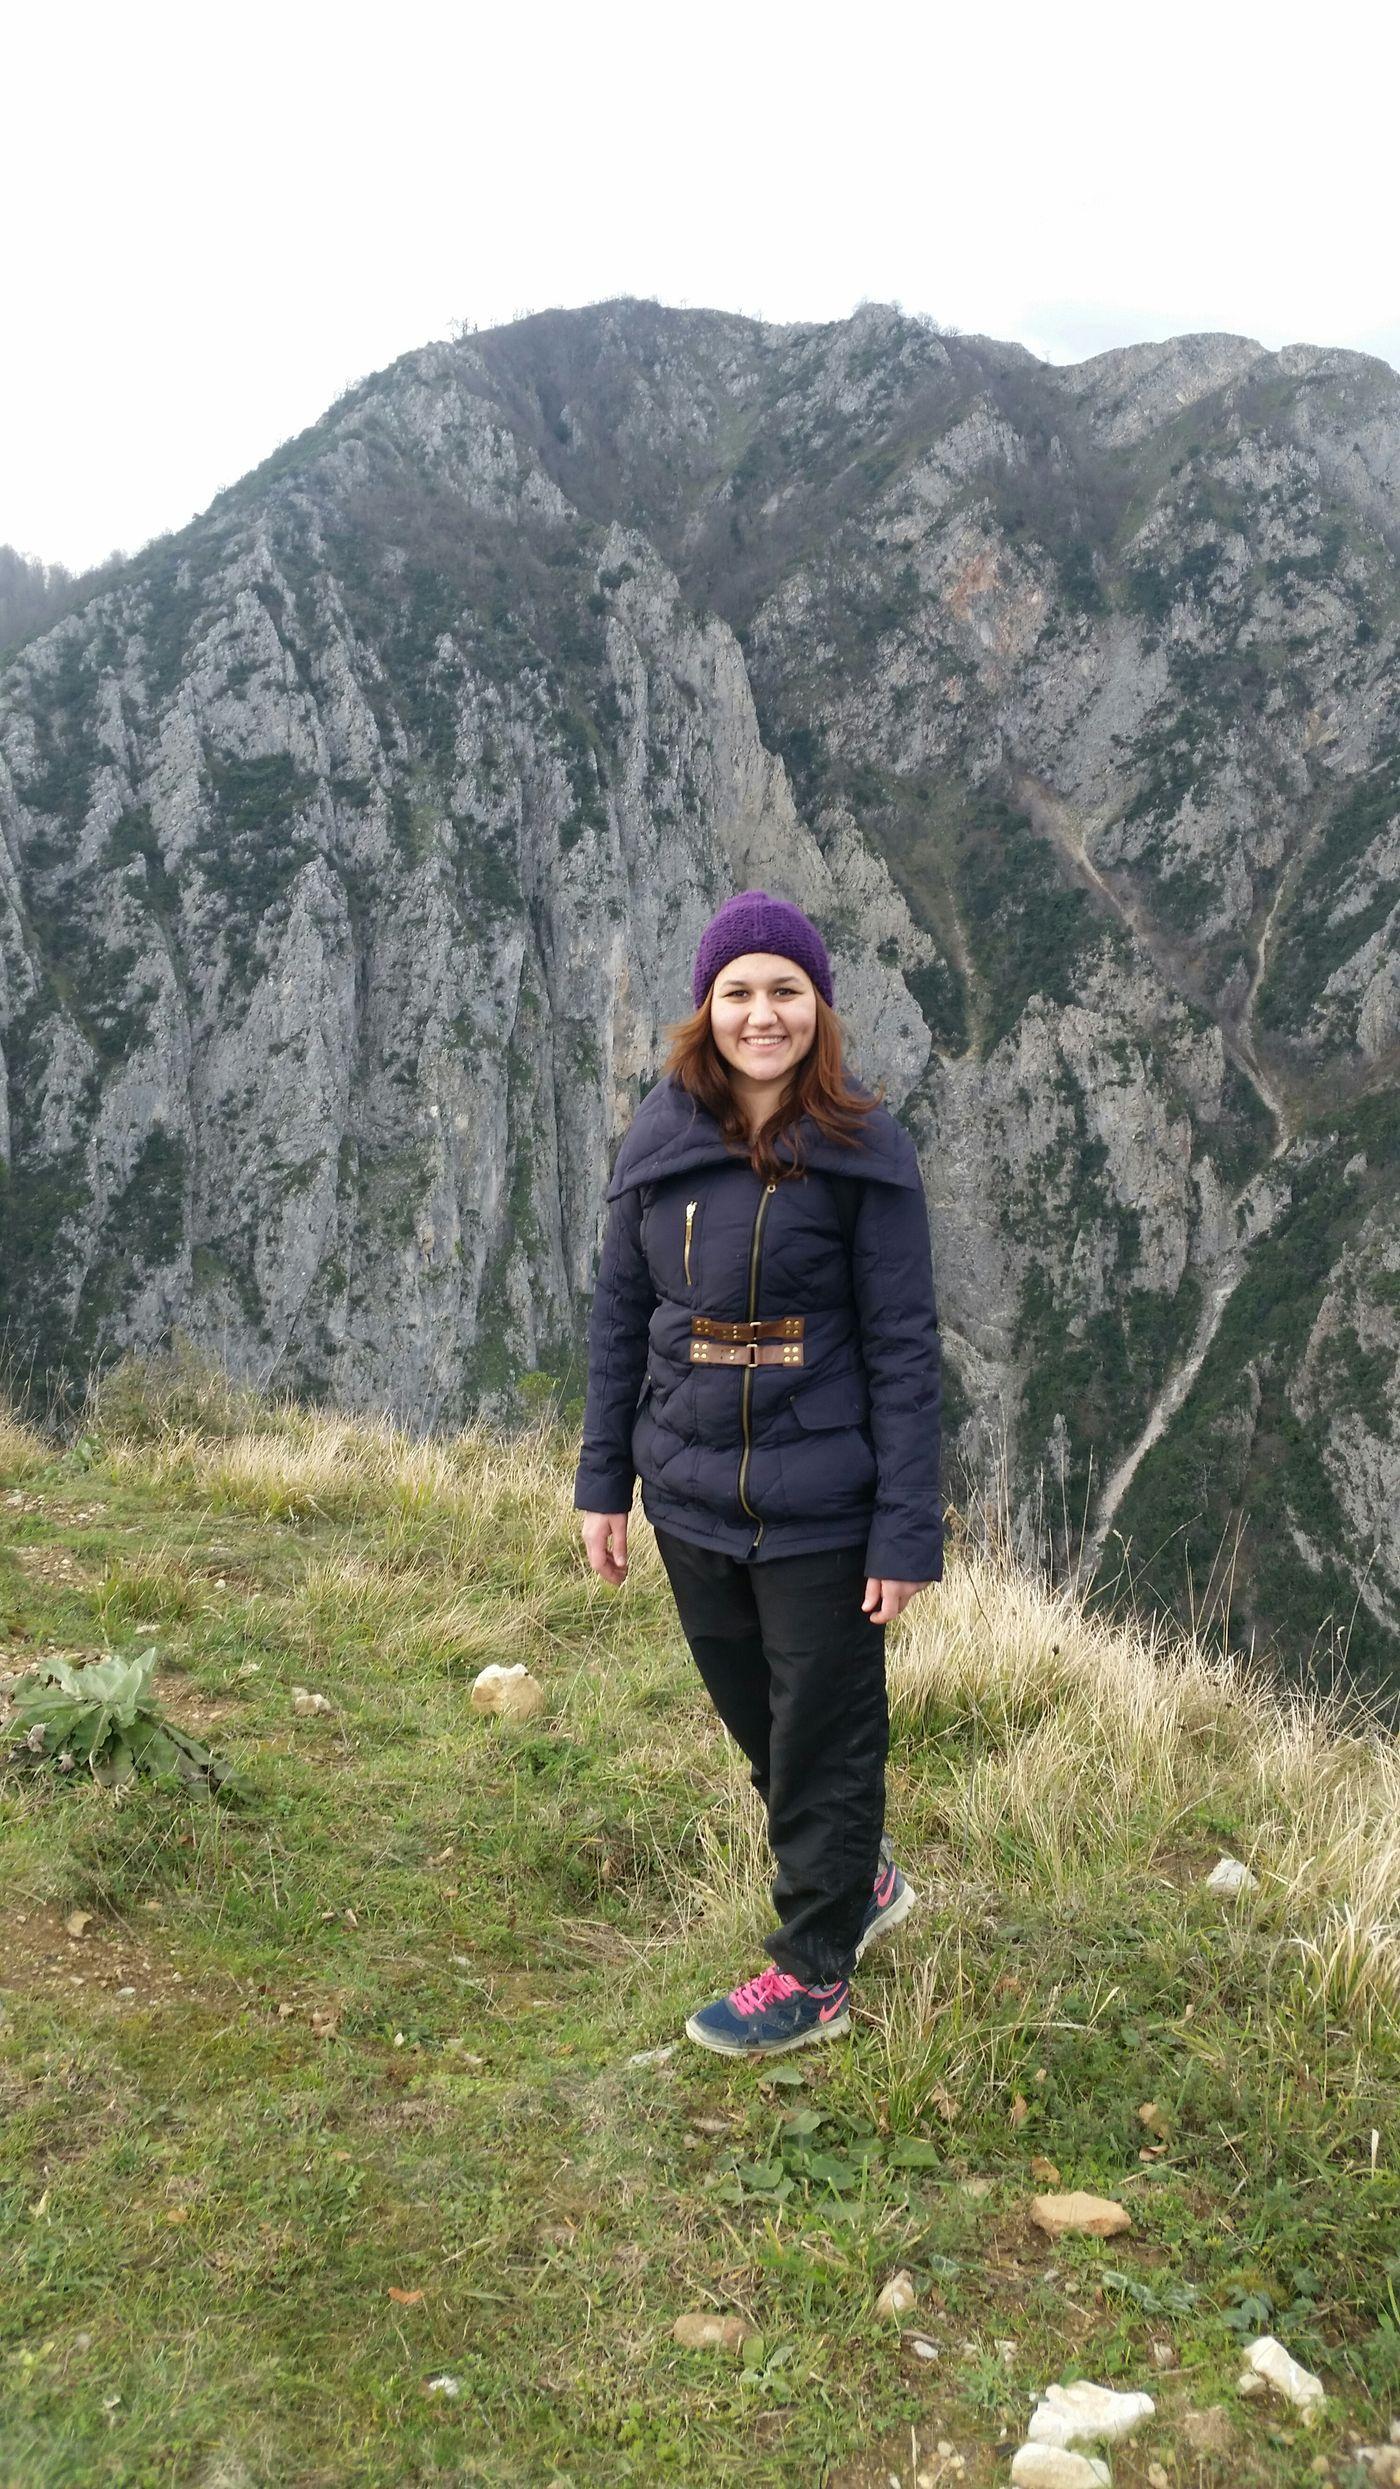 Trekking Kanyonlar Kocaelidagcilik Zirve Gercekten cok ama cok harikaydi..